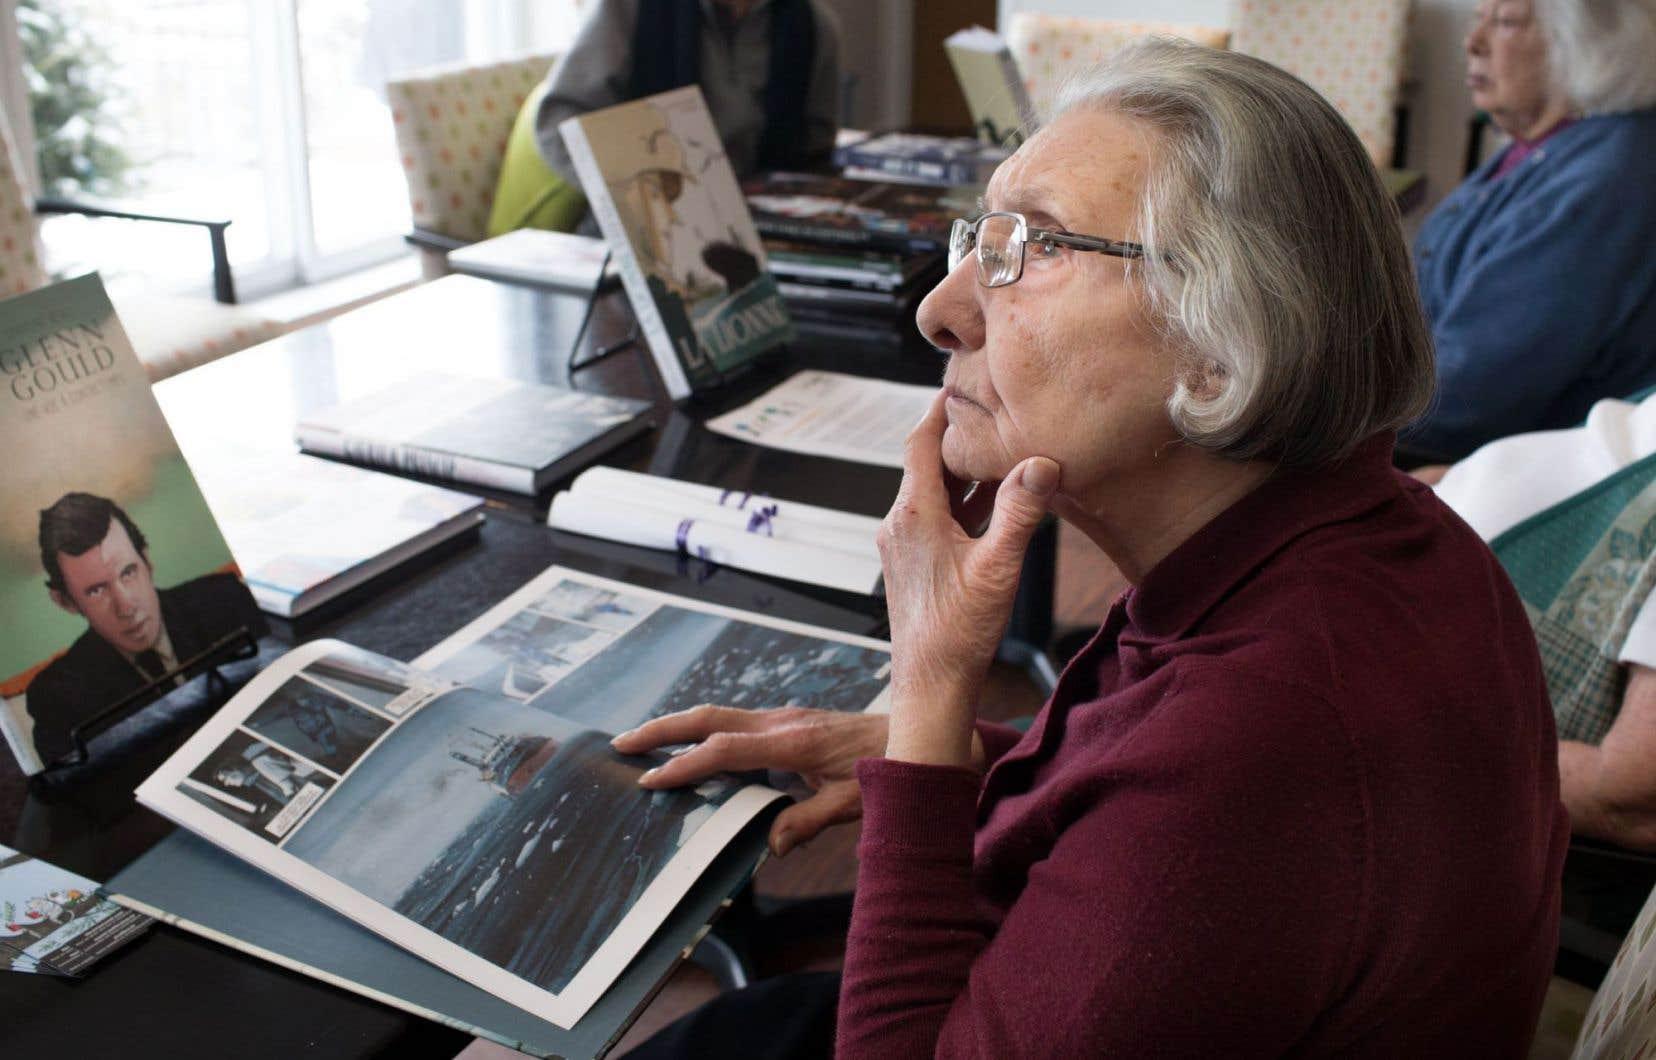 L'Association des libraires du Québec a organisé cette activité pour faciliter l'accès à la lecture chez les personnes âgées.